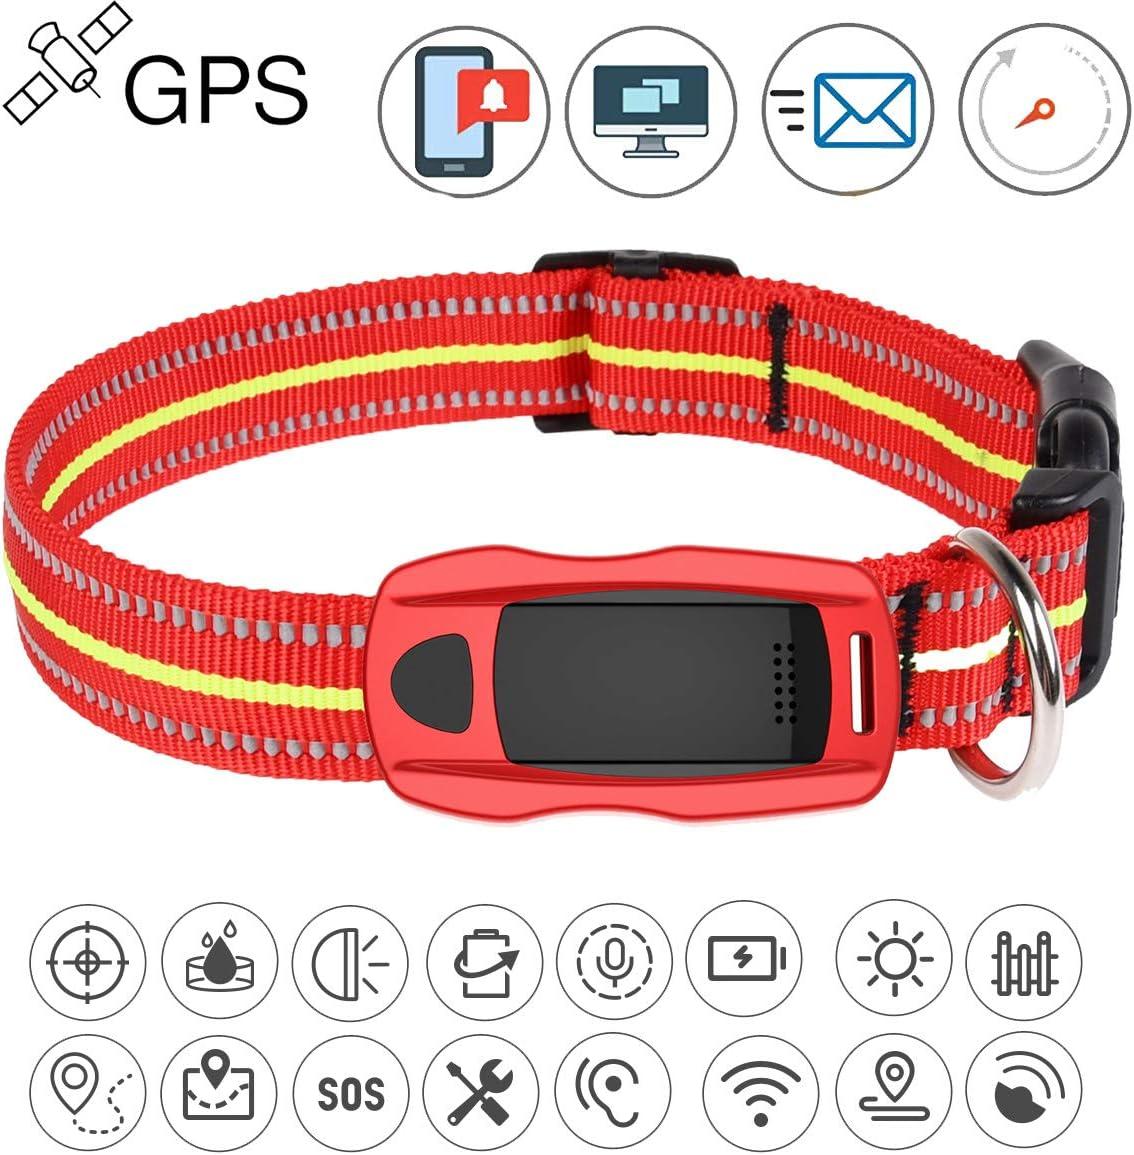 Localizador GPS, GPS + LBS + WiFi posicionamiento Collar GPS para Alarma de Perro con rastreador para Animales Gratis App antipérdida